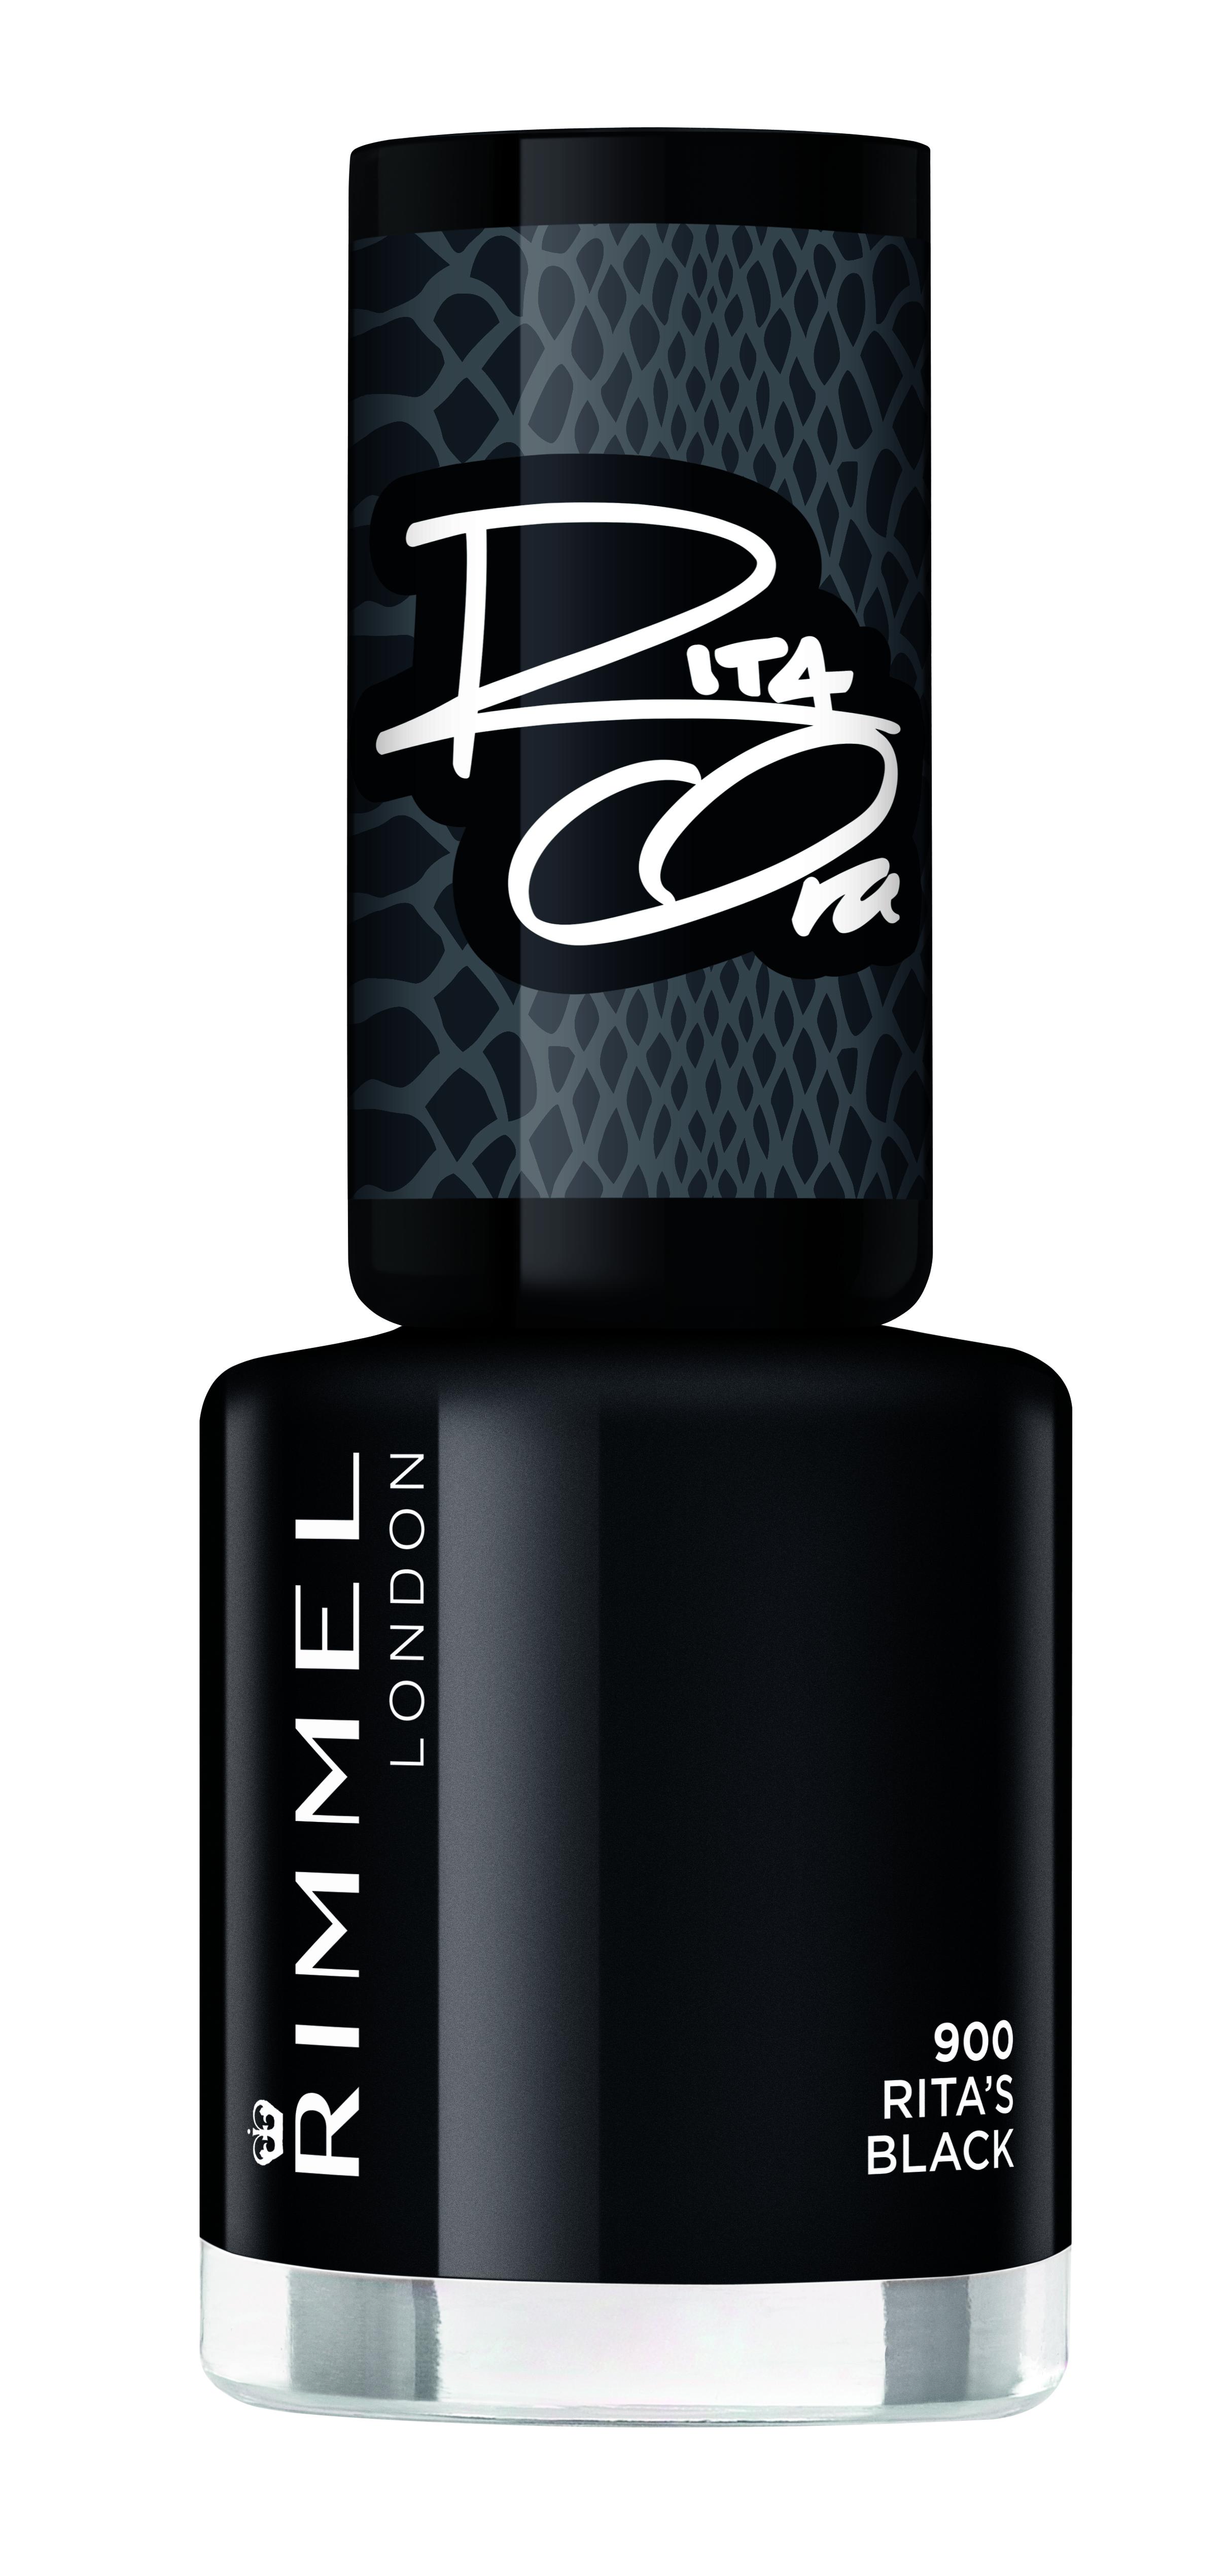 Rimmel London Shades of Black 60 Seconds Nail Polish by Rita Ora